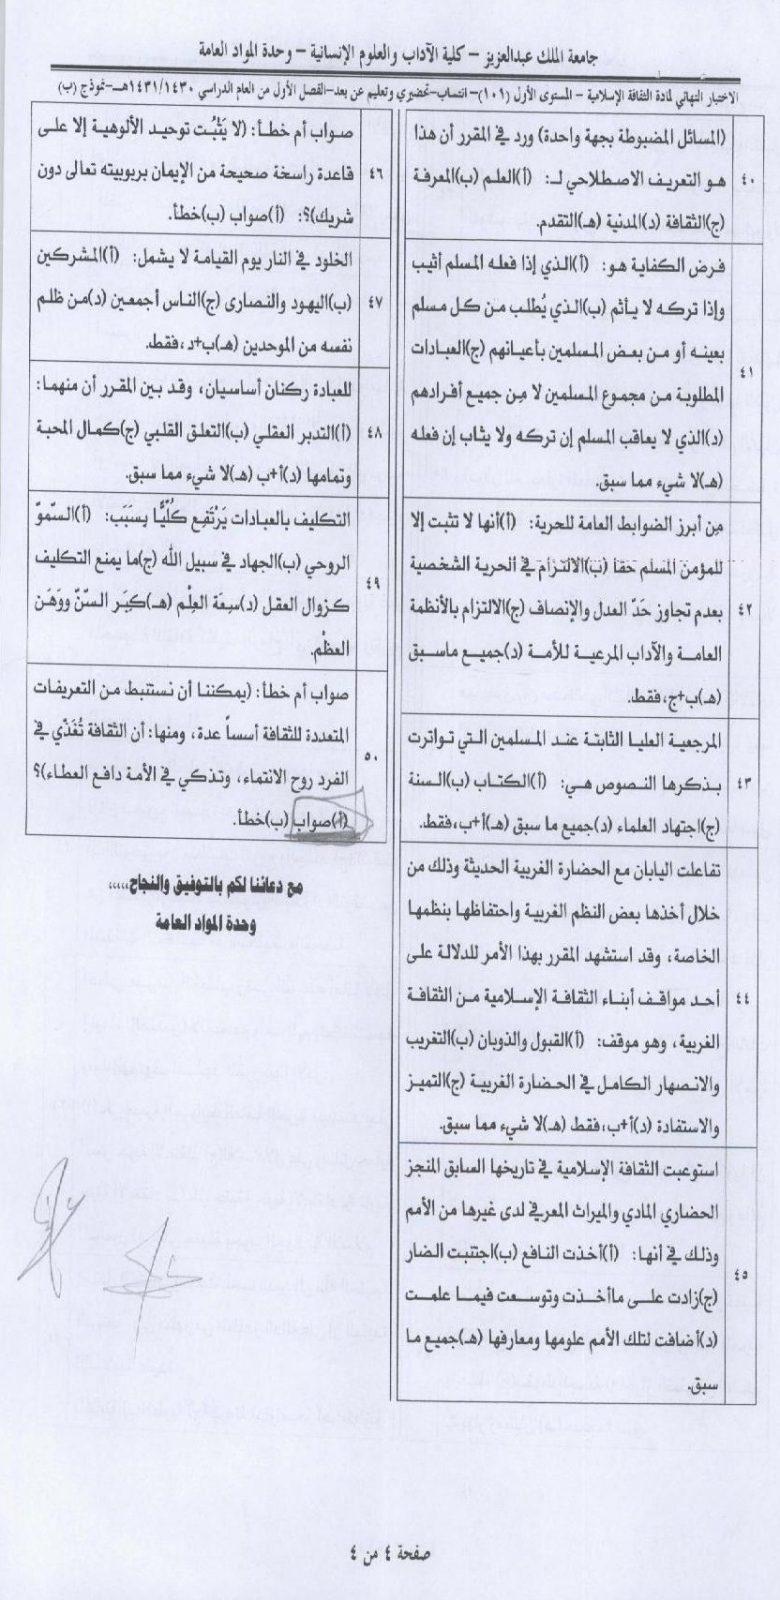 اسئلة مادة الثقافة الإسلامية isls 101 انتساب وتعليم عن بعد الفصل الدراسي الأول 1431هـ نموذج (ب) 411.jpg